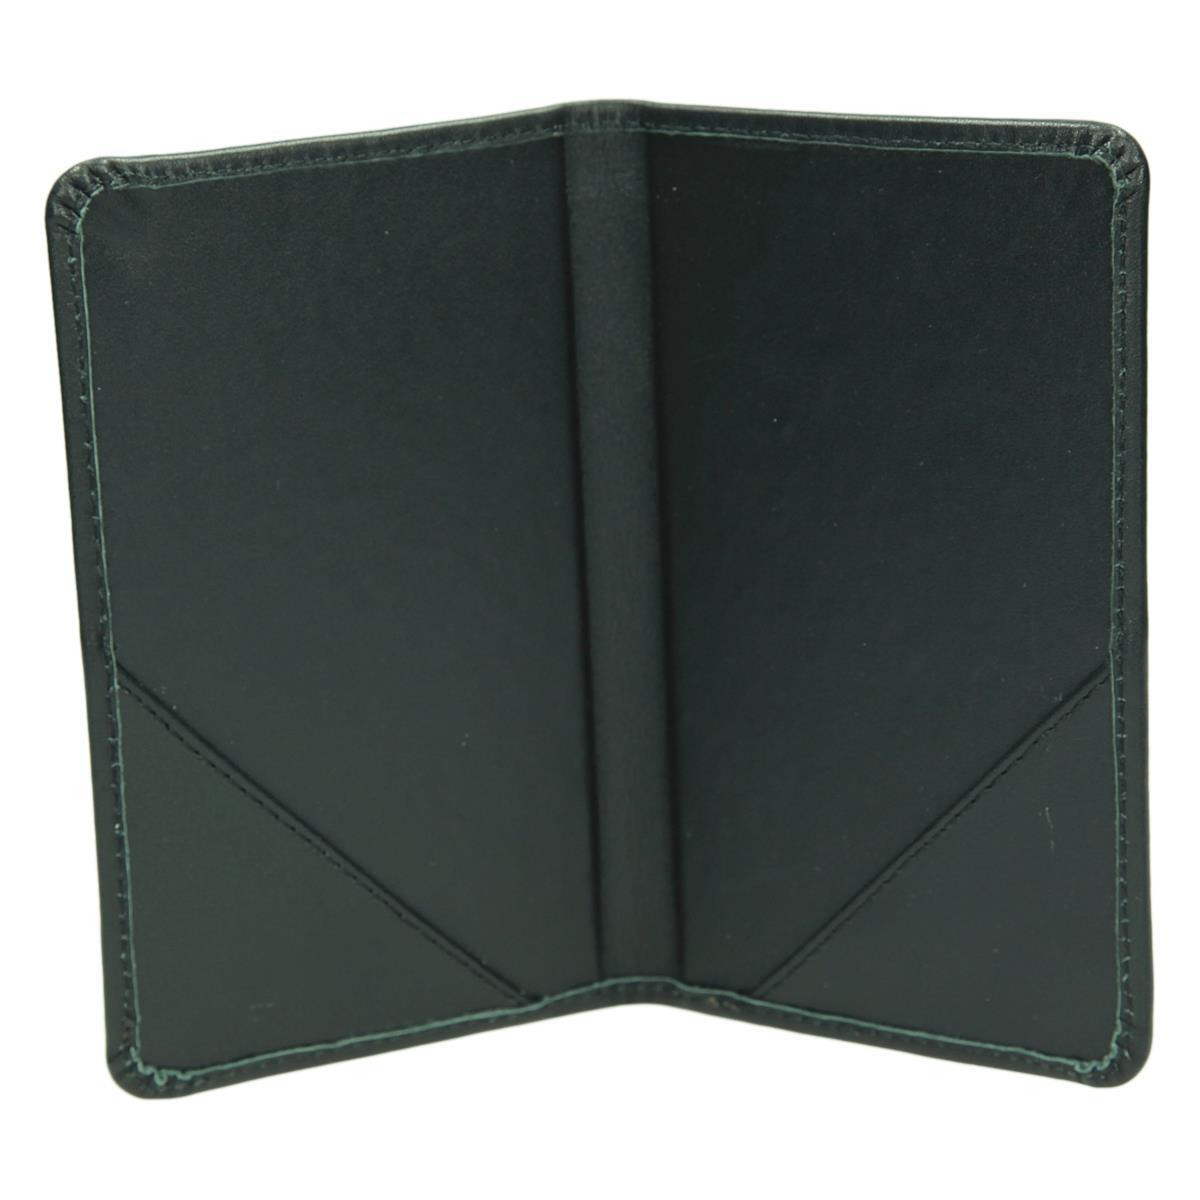 Kieszonki z możliwością modyfikacji kształtu 0969_1 Okładki na rachunki/płatniki